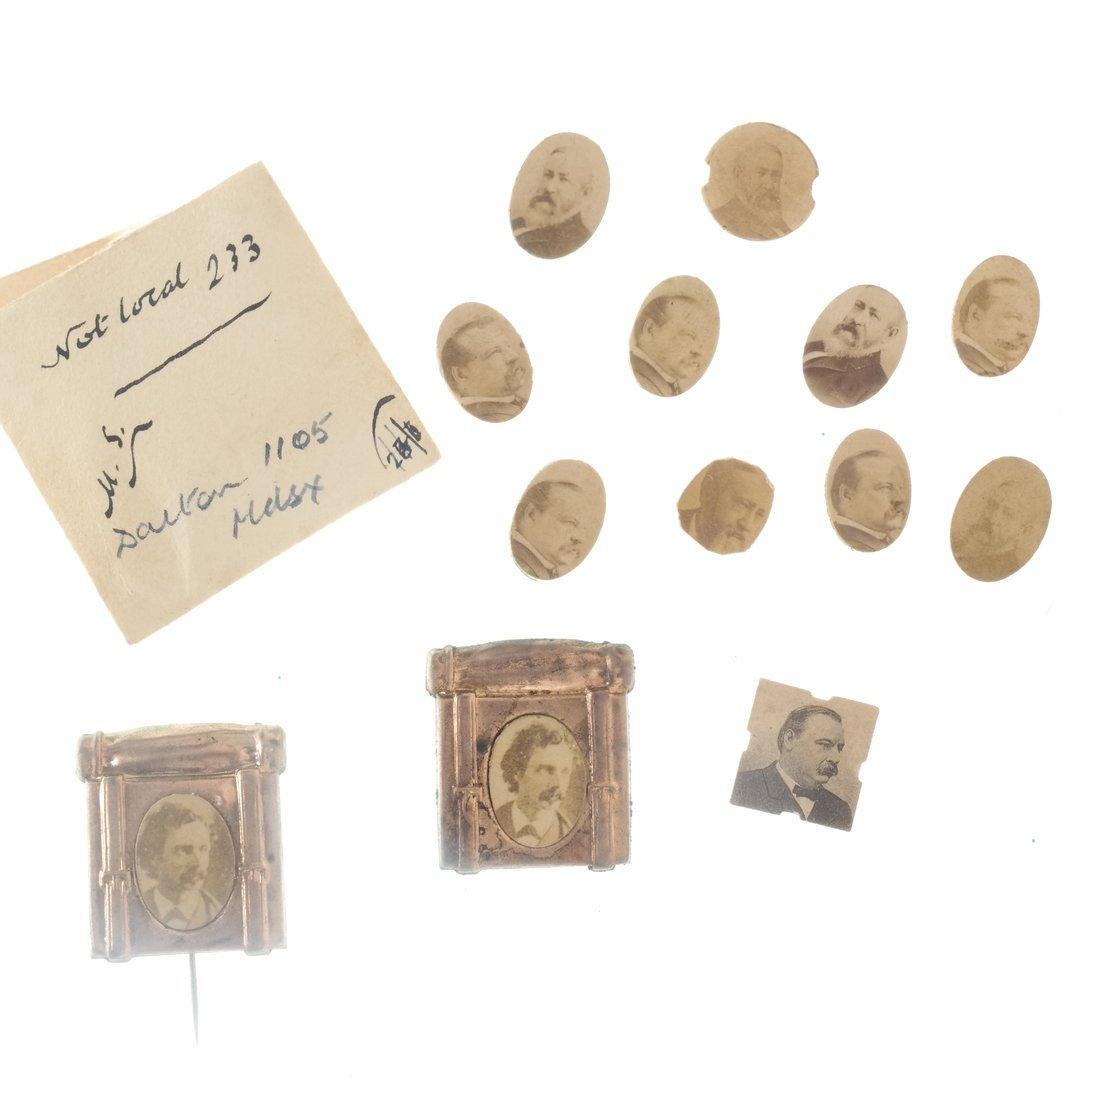 Miscellaneous 1892 Albumen Prints & Badges